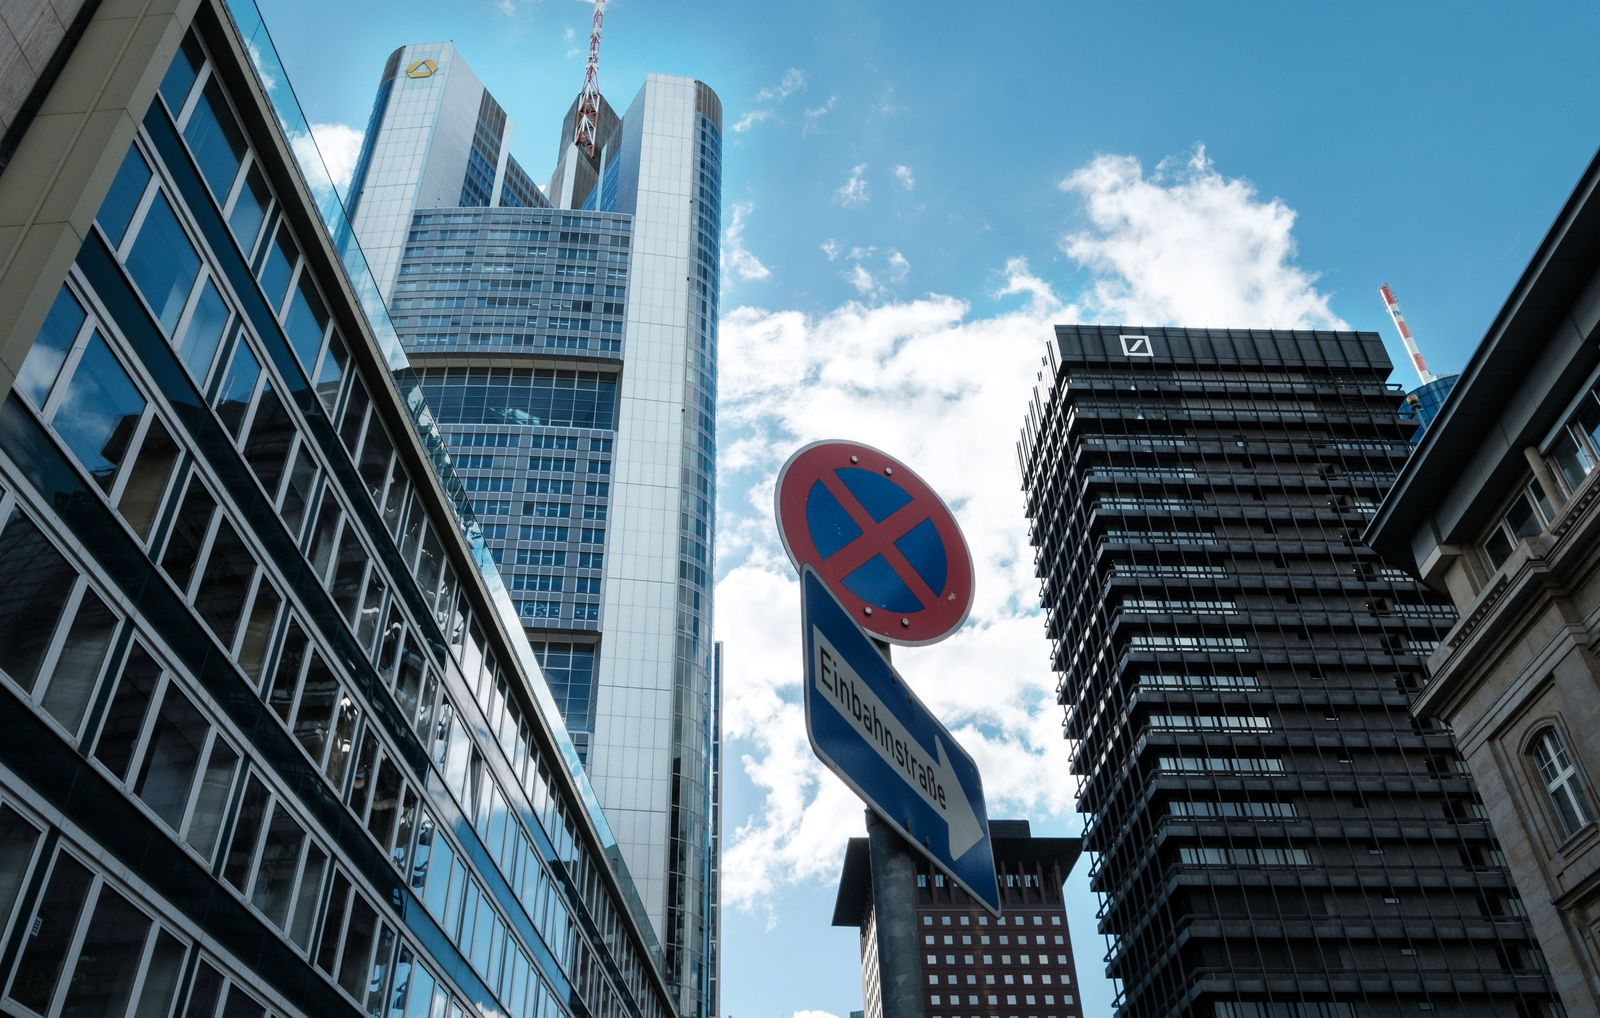 Frankfurt Skyline / Banken / Commerzbank / Deutsche Bank